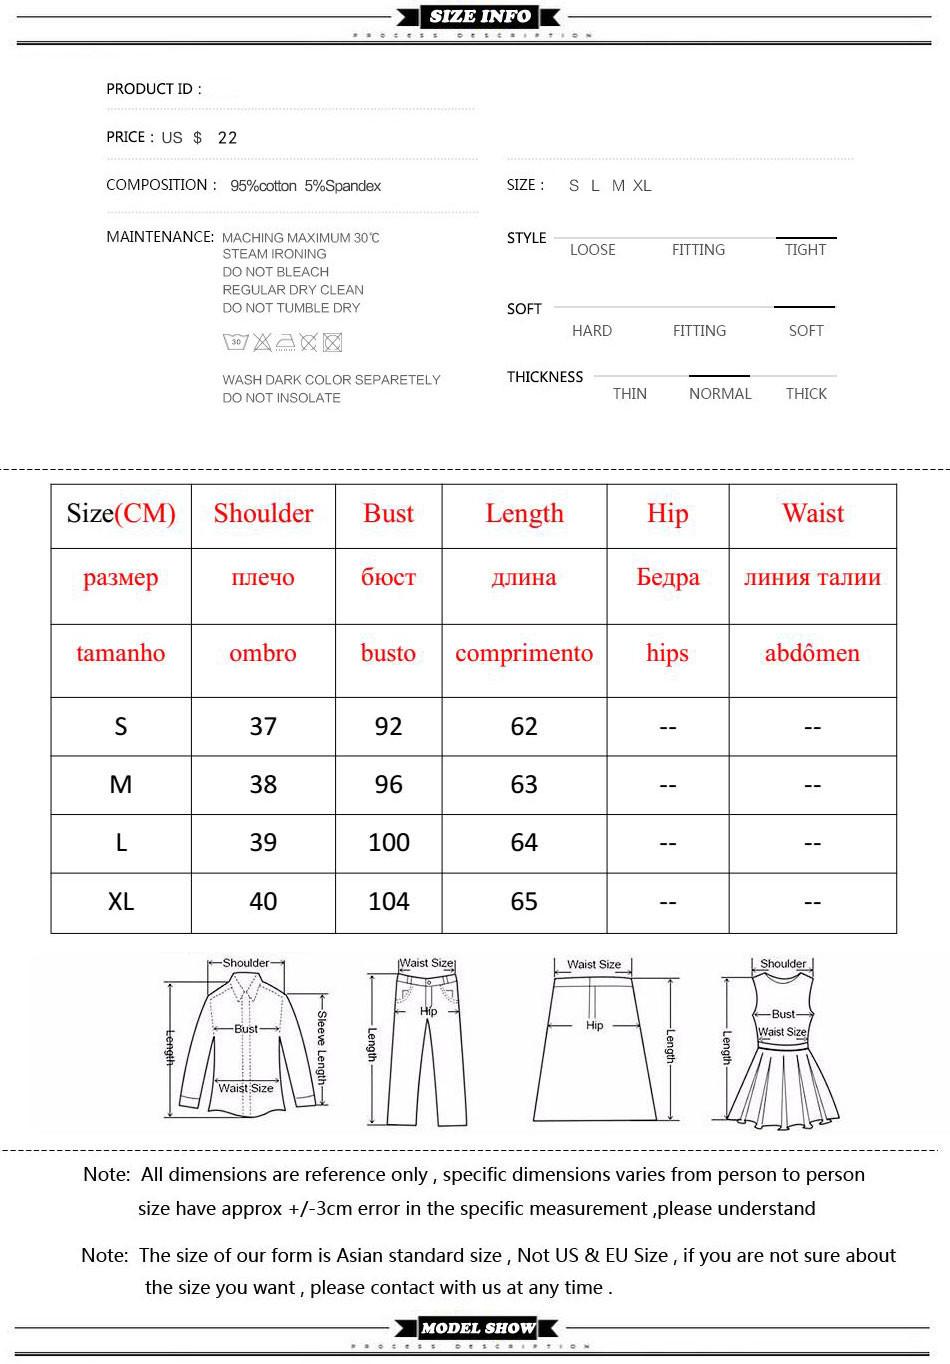 HTB1UocYKpXXXXXxXXXXq6xXFXXXp - New Arrival Summer T-Shirt Fashion Printed Top Tees For Women